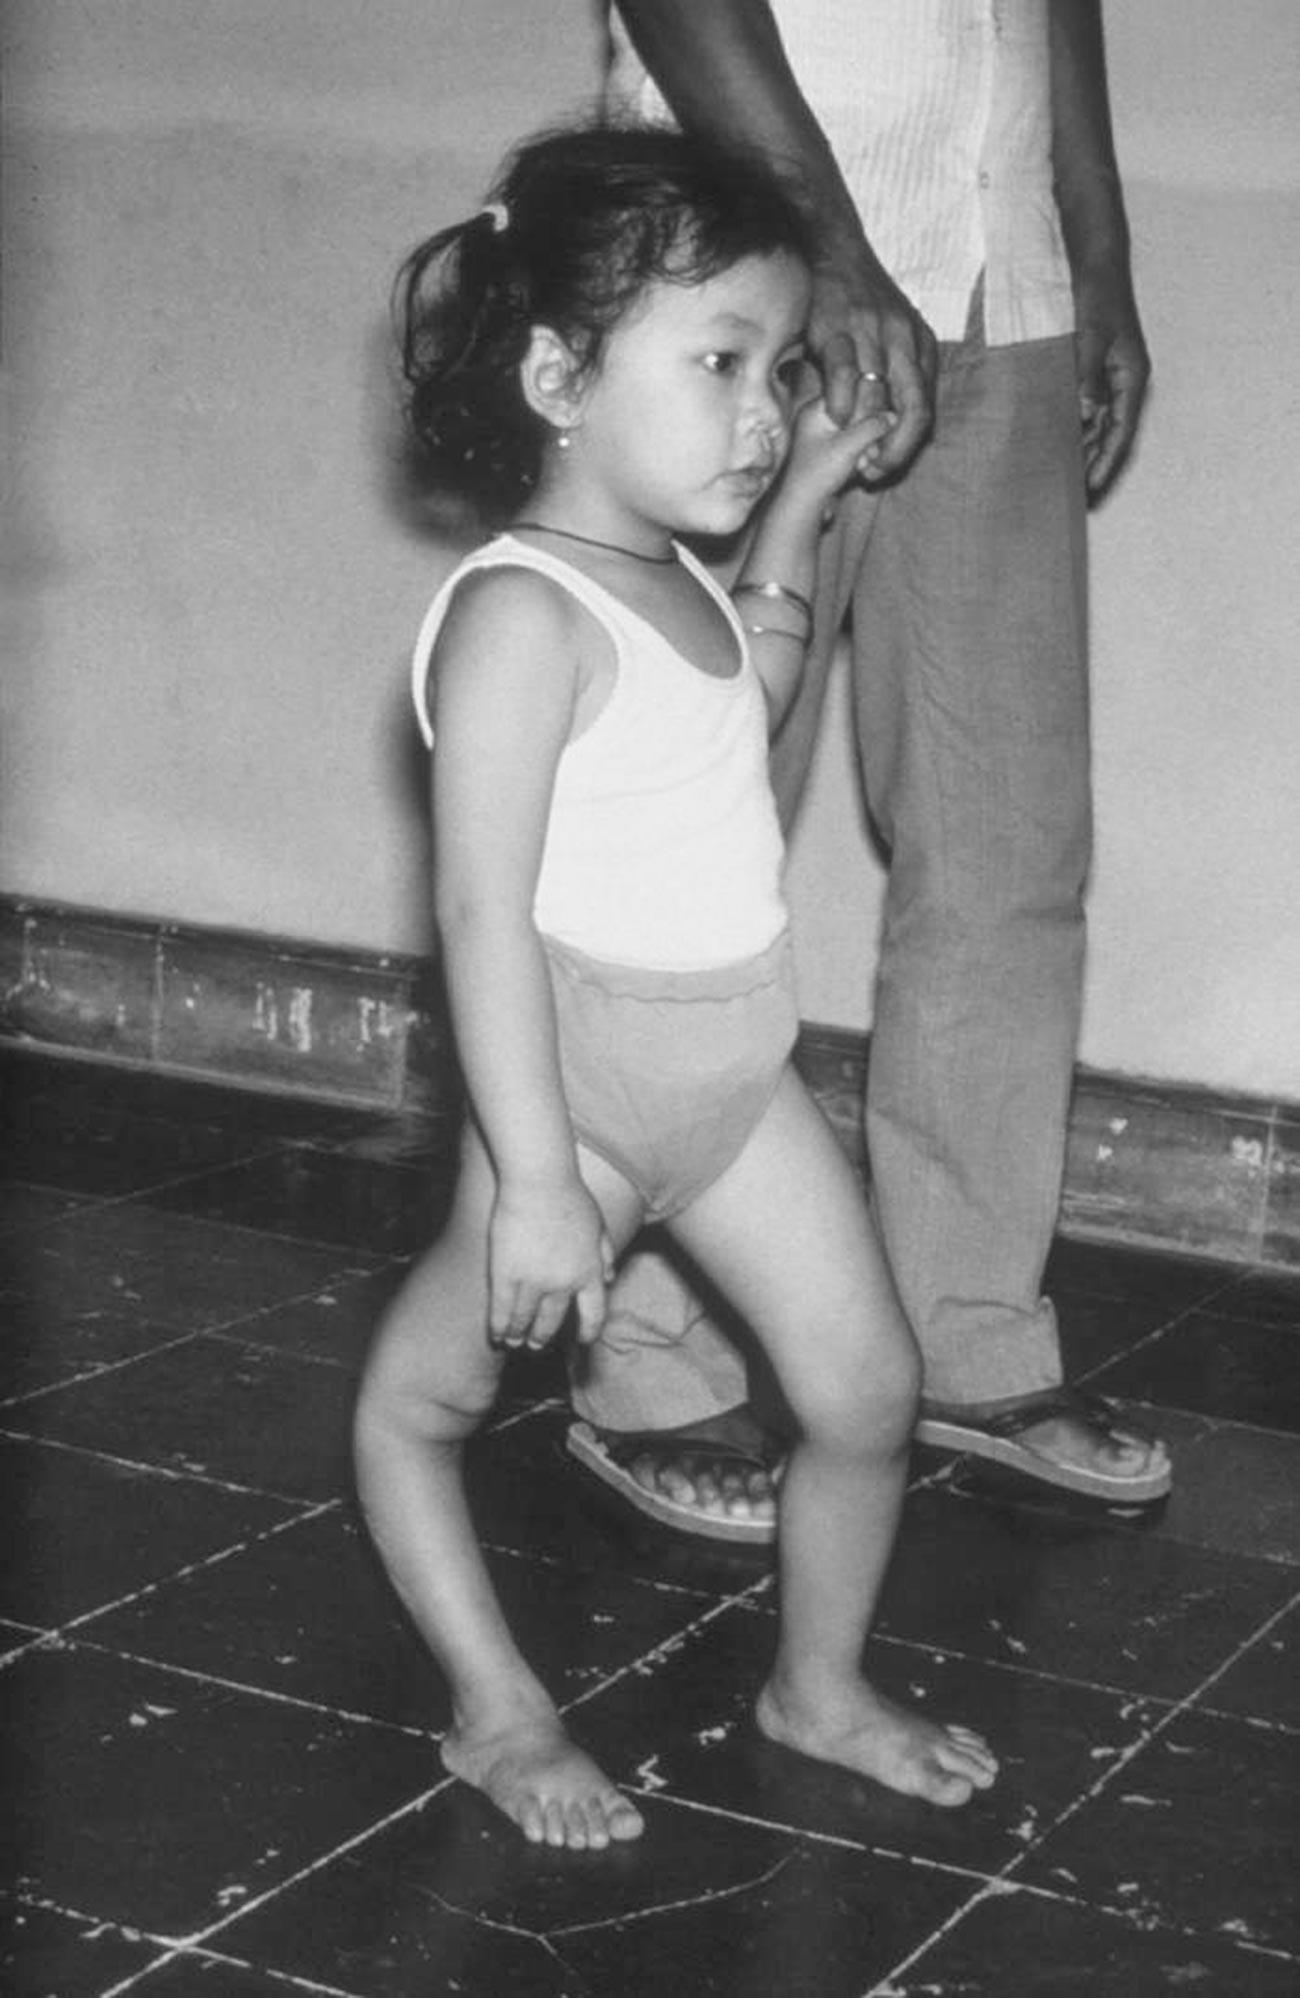 Seorang anak perempuan dengan kelainan bentuk akibat polio.